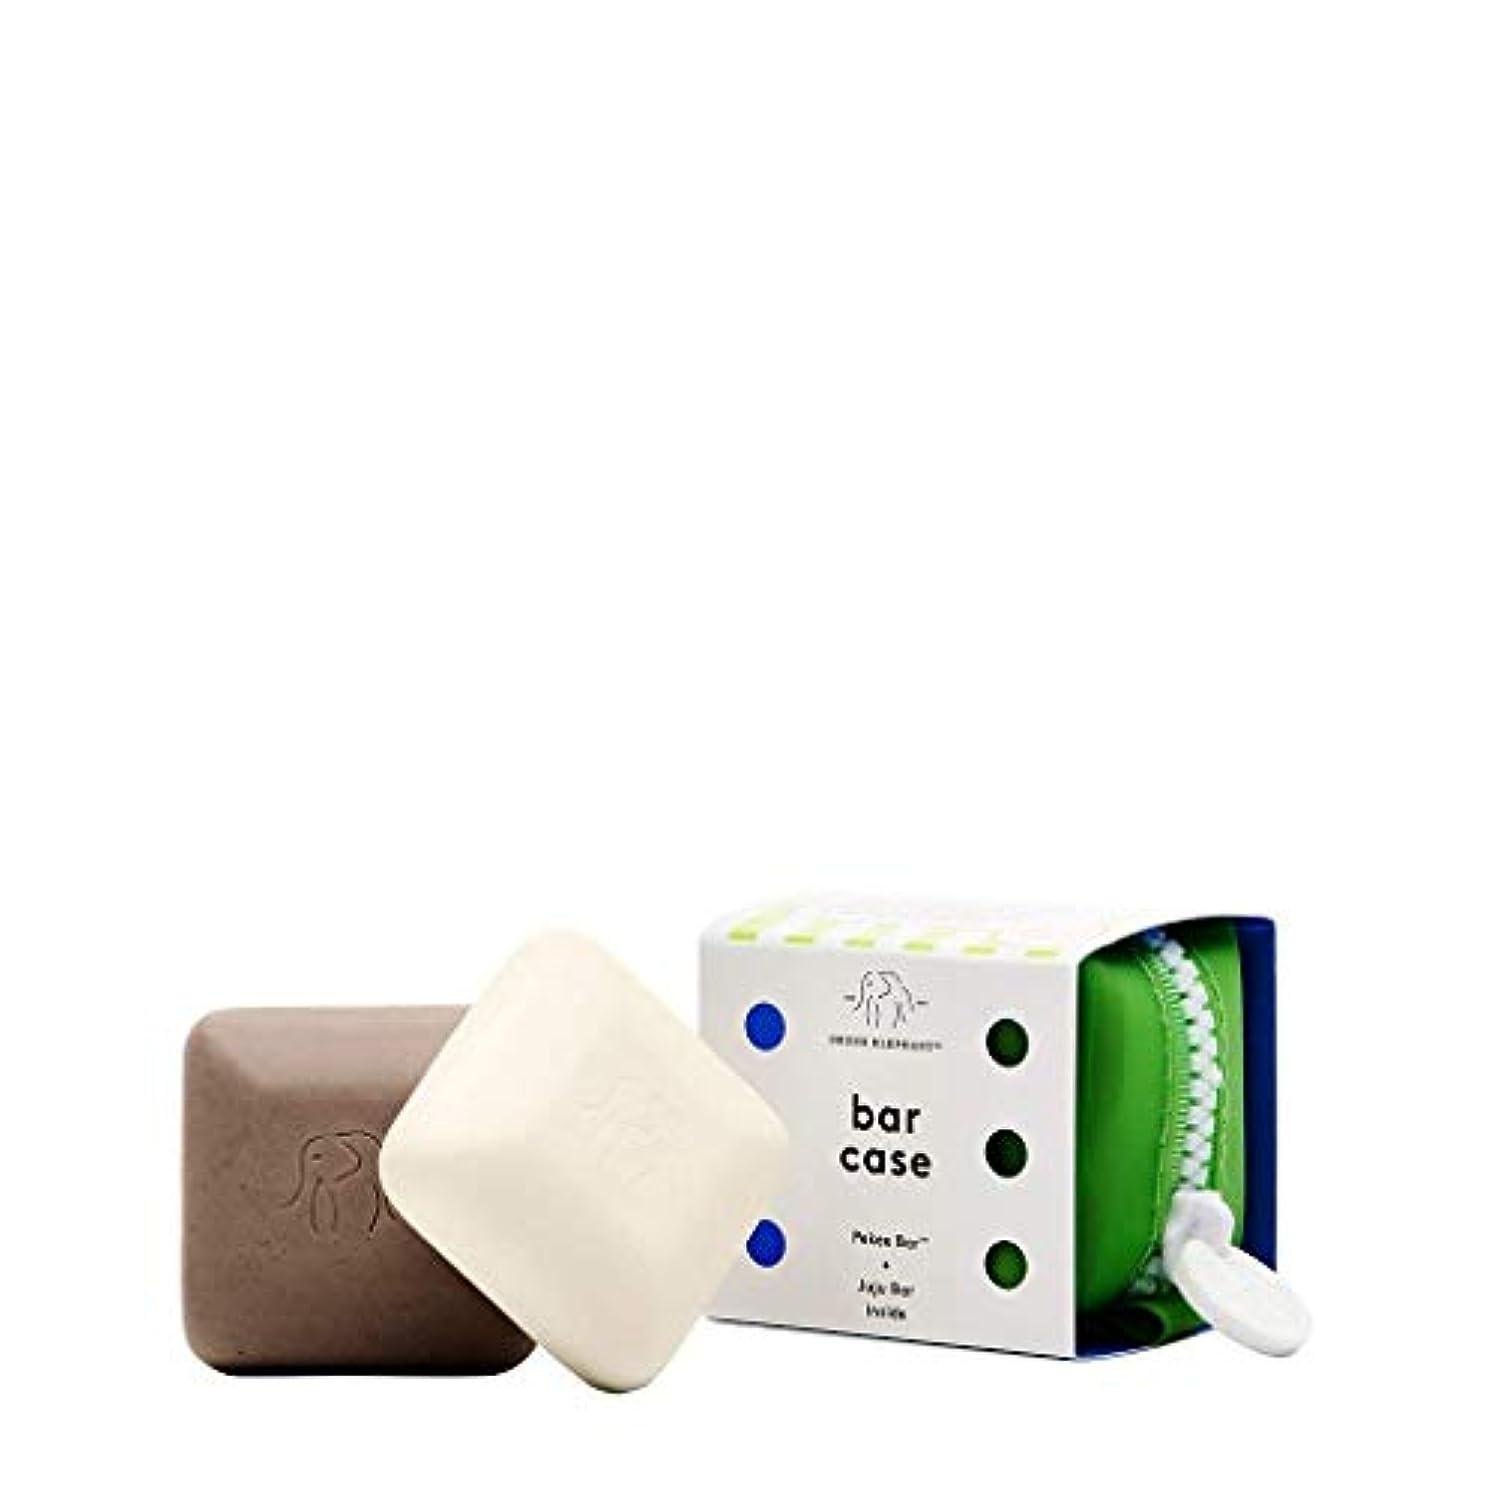 クリークズボン涙が出るDRUNK ELEPHANT Baby Bar Travel Duo(2 x 30g) ドランクエレファントミニ洗顔石鹸セット